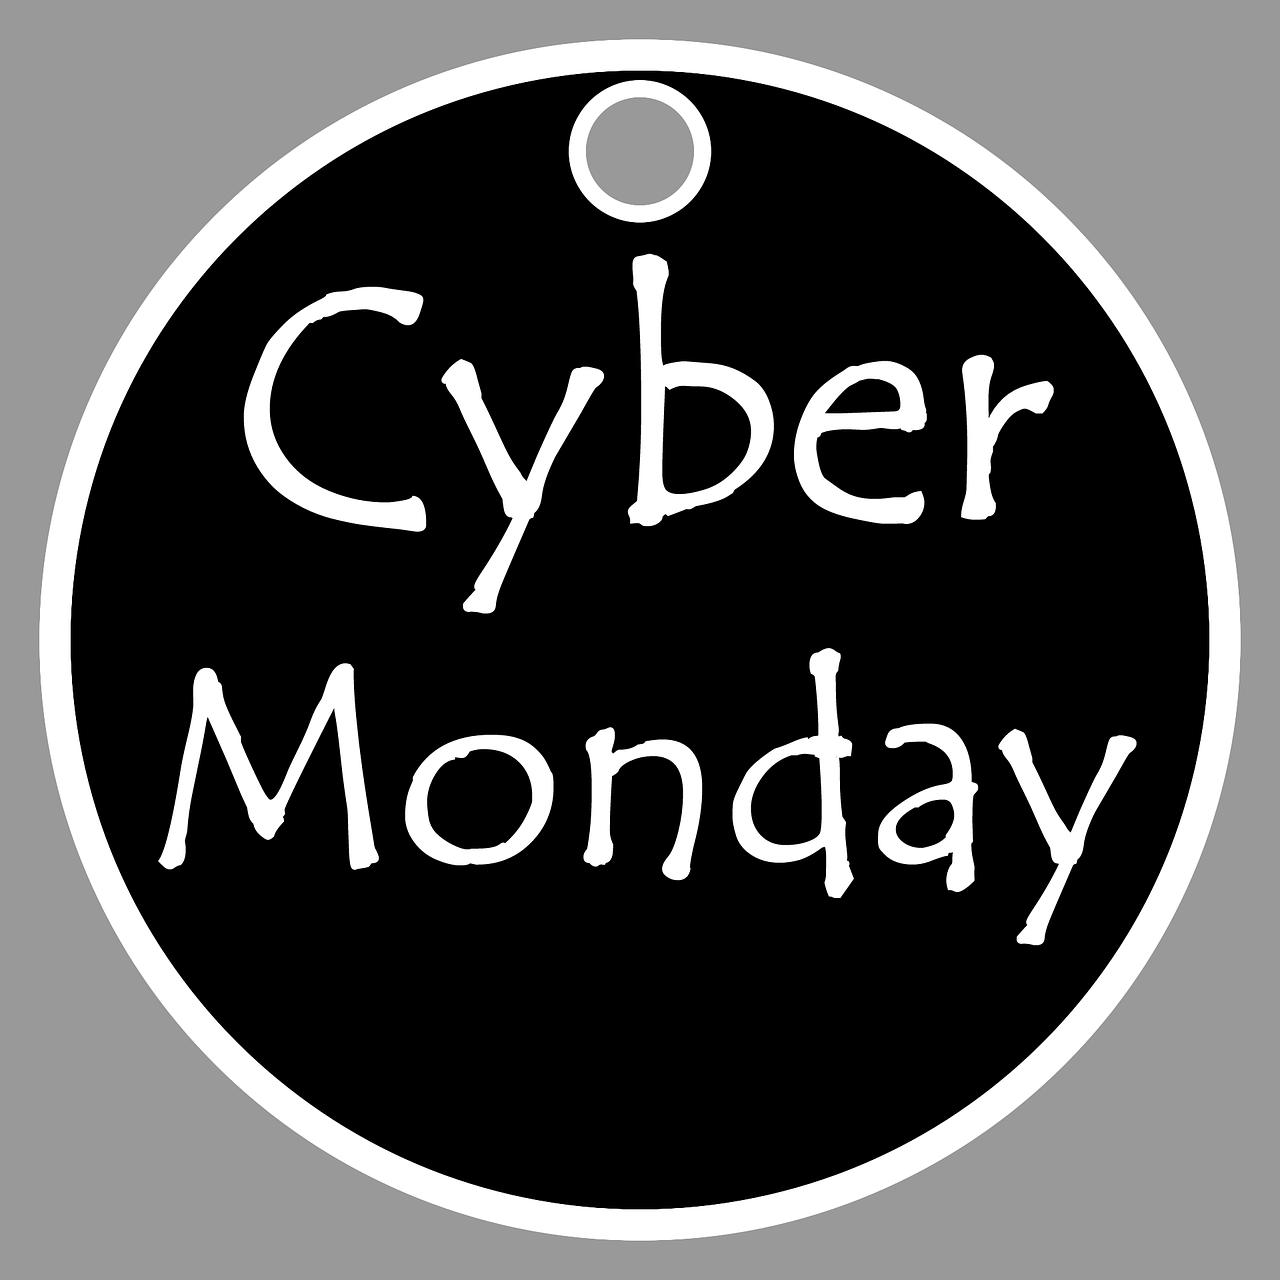 Cyber Monday 2019: lista sklepów, lista promocji - 2 grudnia 2019